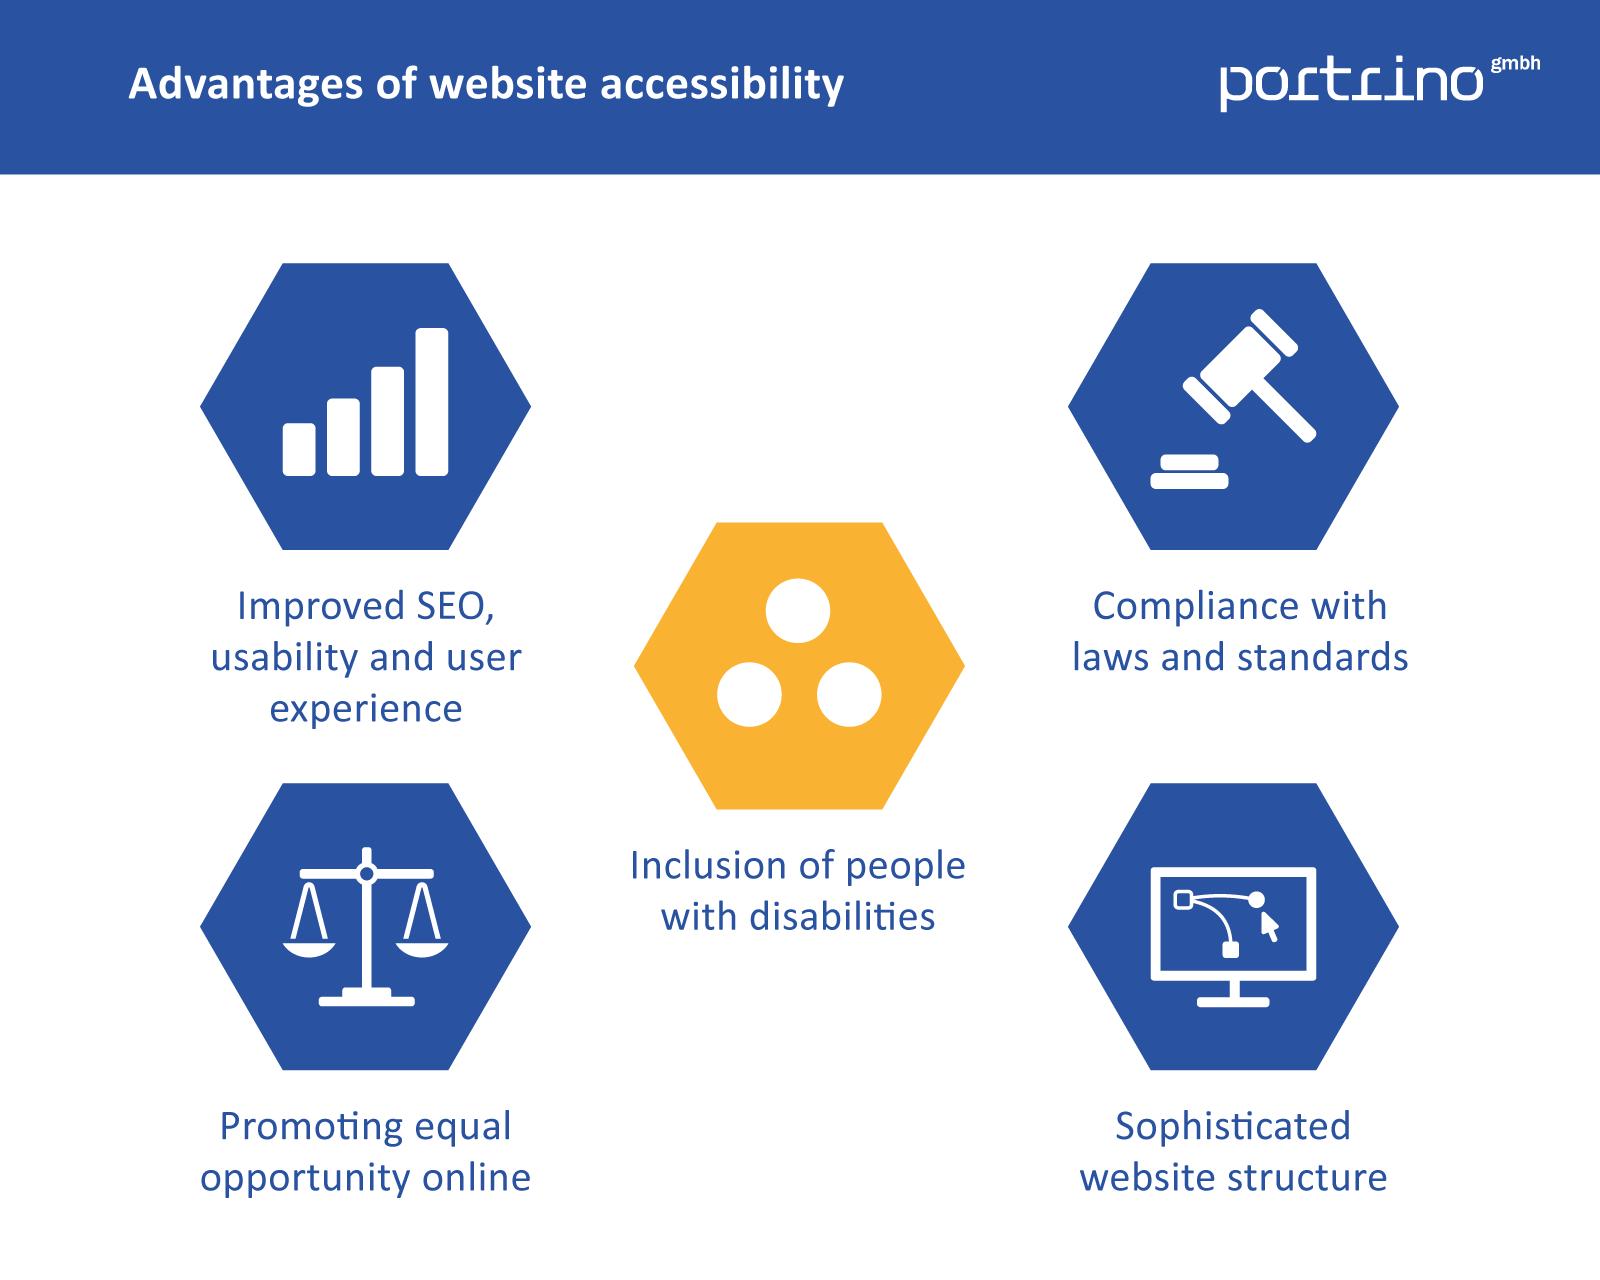 Digital accessibility according to BITV 2.0 - portrino GmbH